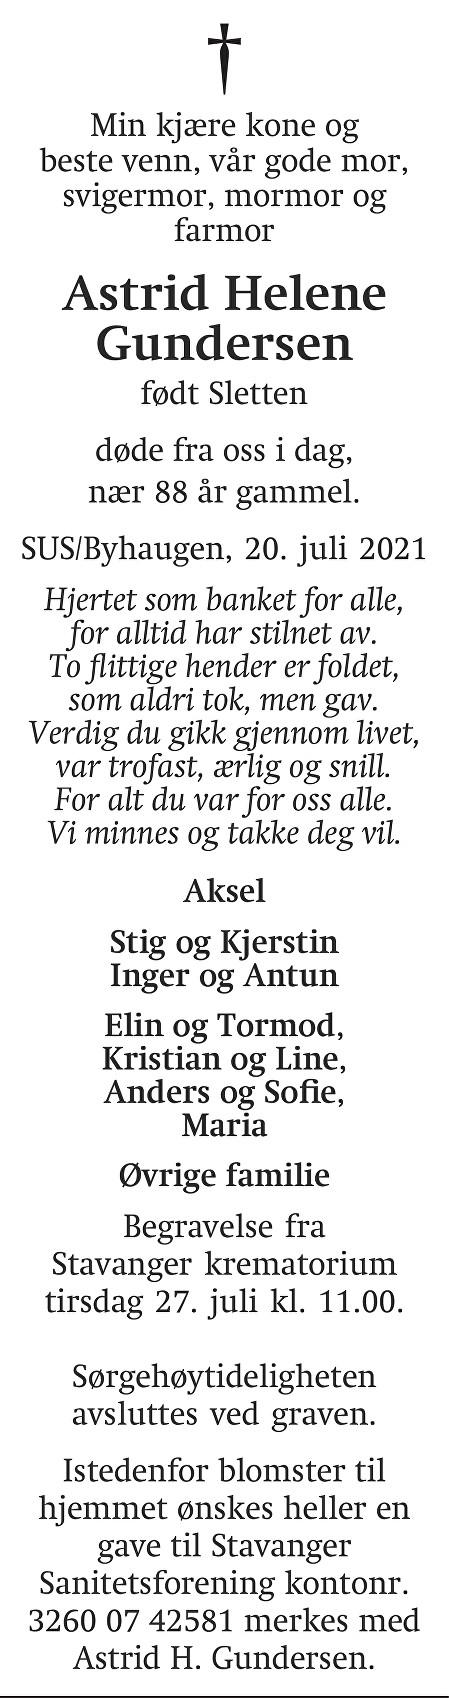 Astrid Helene  Gundersen Dødsannonse